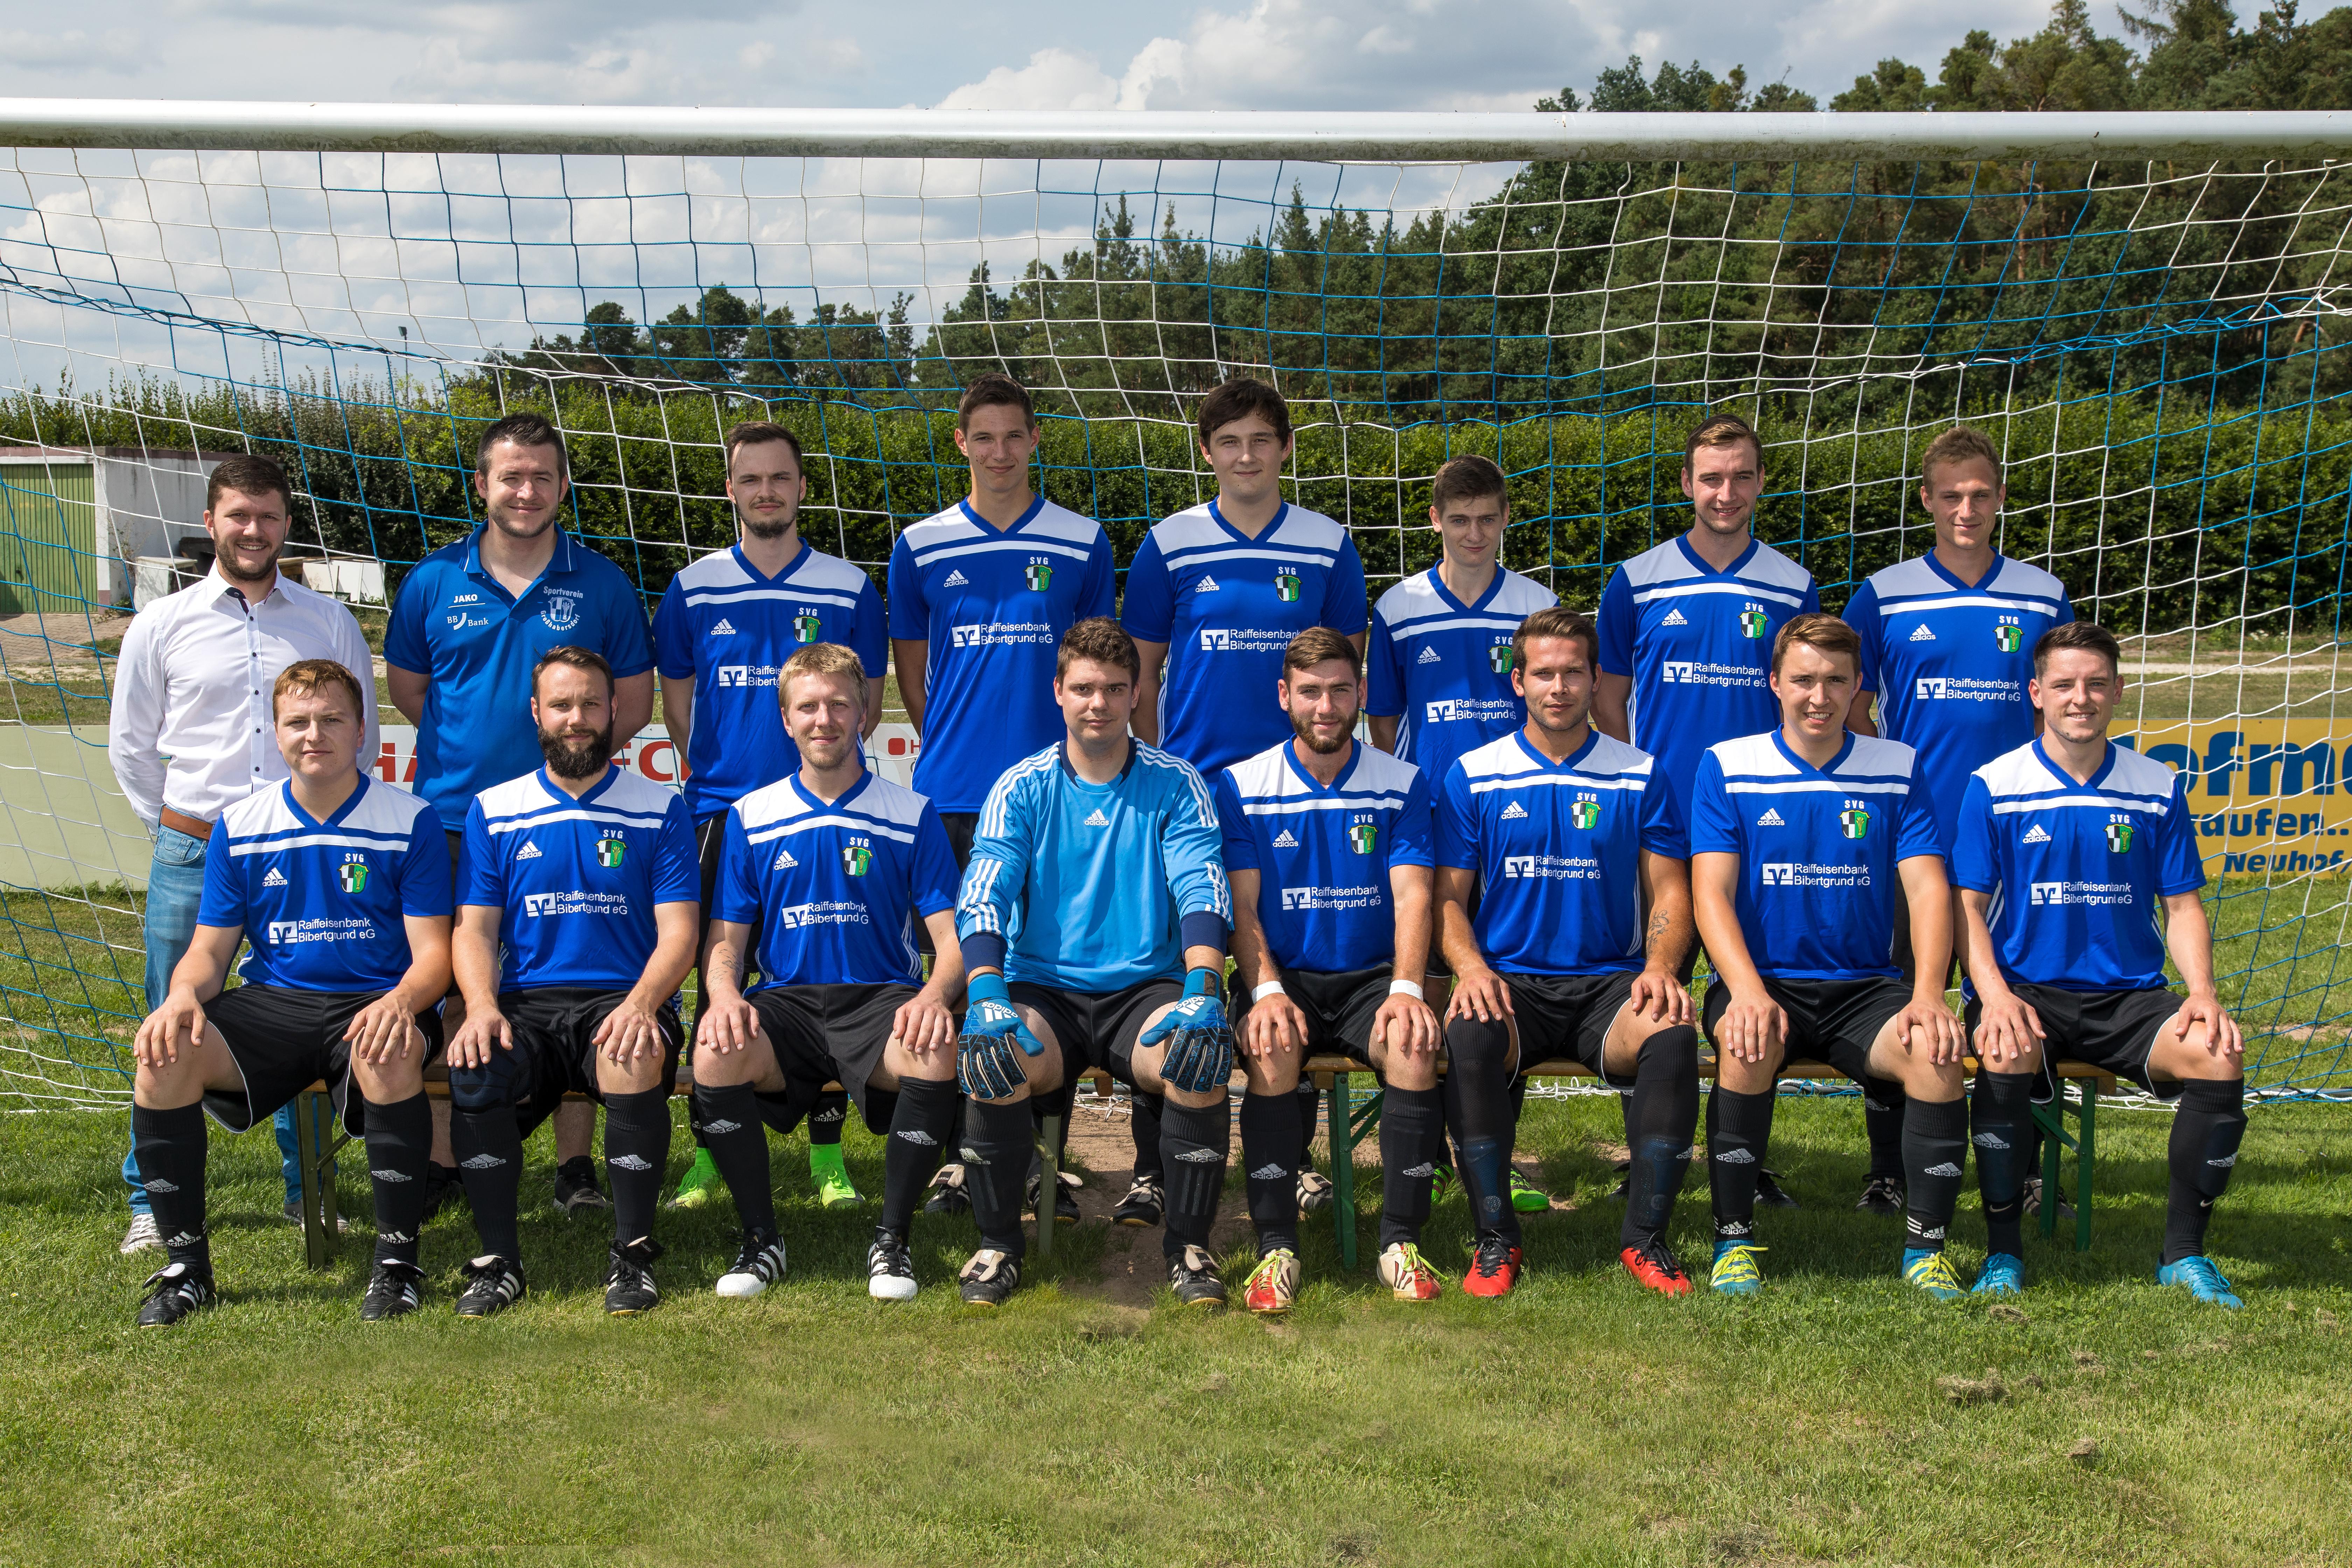 2. Fußball Mannschaft mit den neuen Trikots, welche von der Raiffeisenbank Bibertgrund und der BBBank gesponsort wurden.